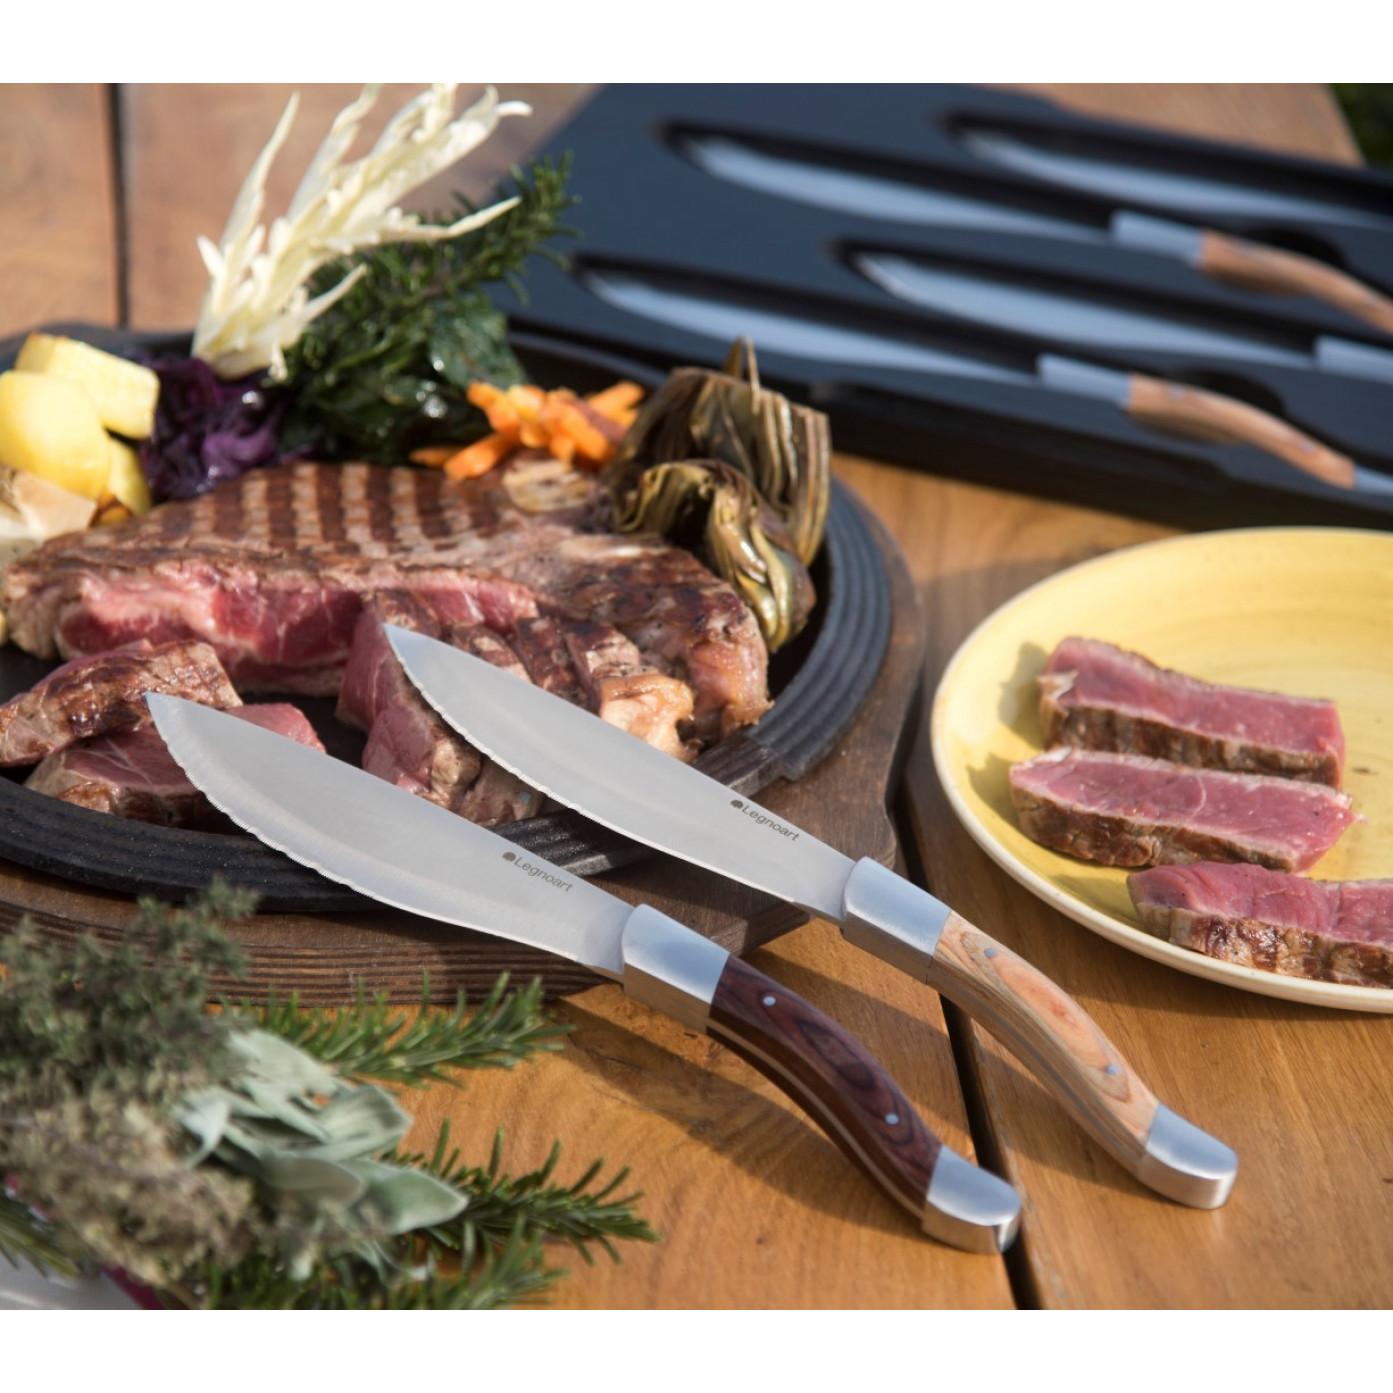 Steakmesser Angus 4er-Set | Helles Holz